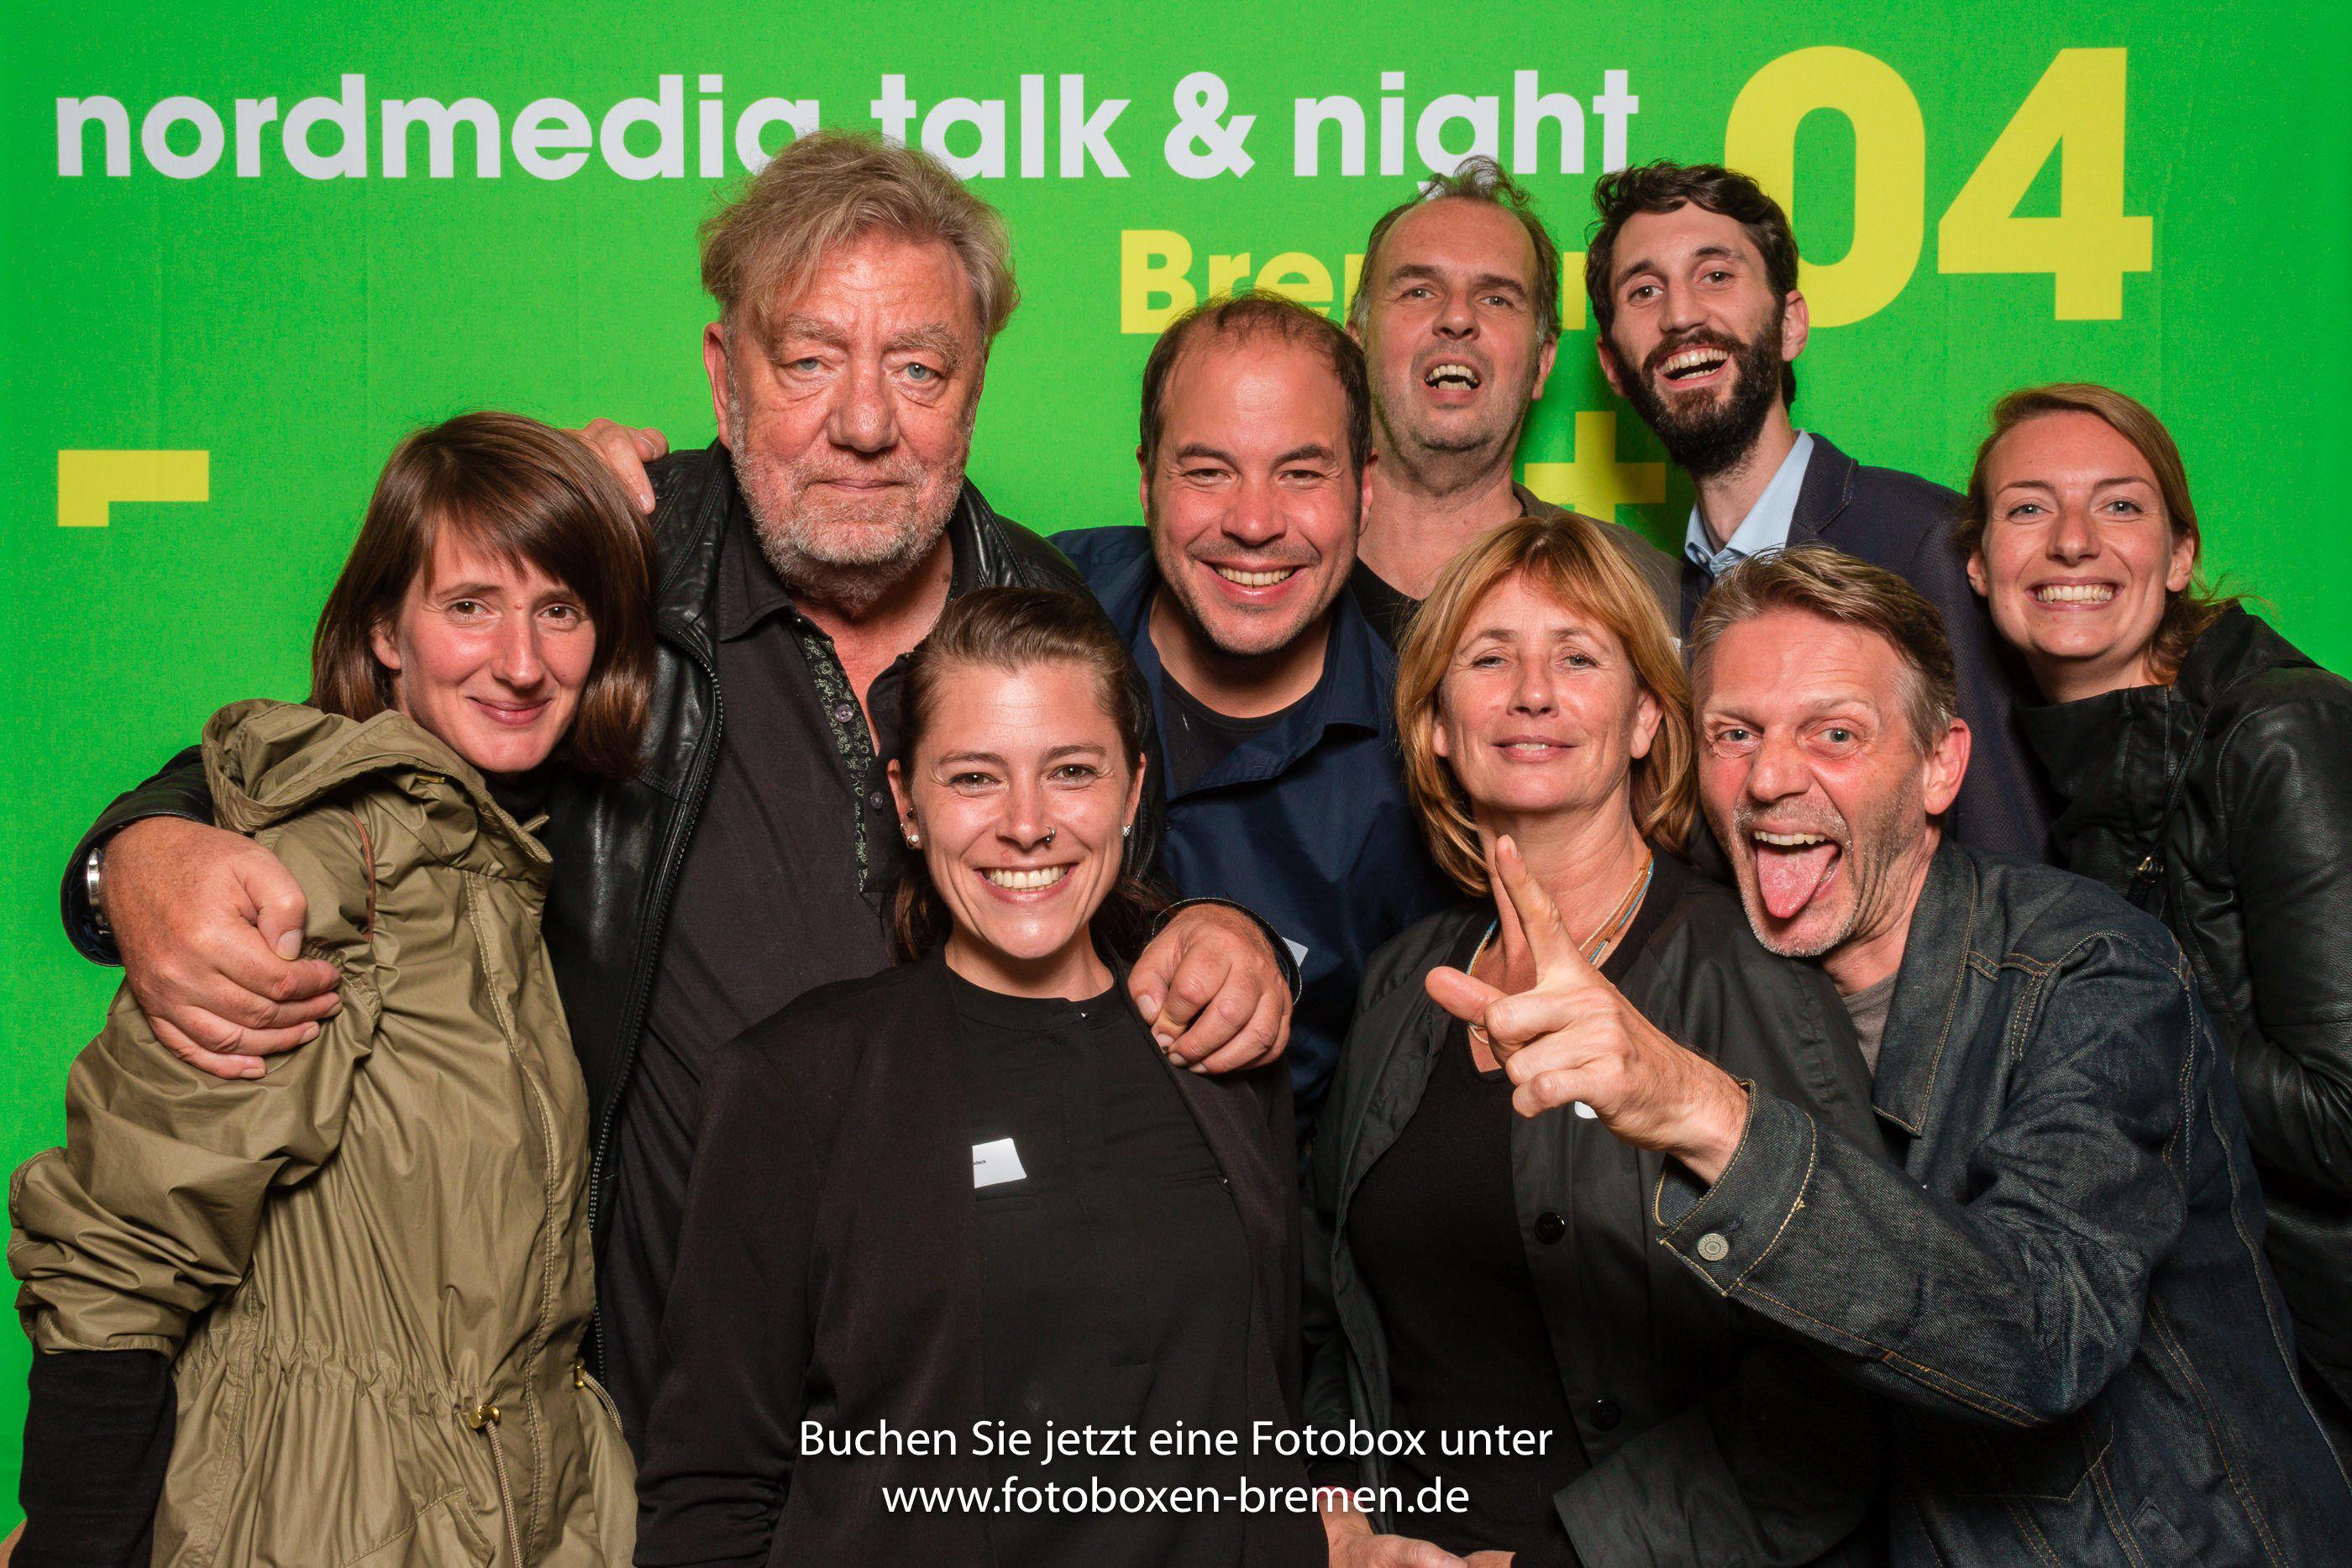 Fotobox Bremen Veranstaltung6 - Fotobox Bremen mieten